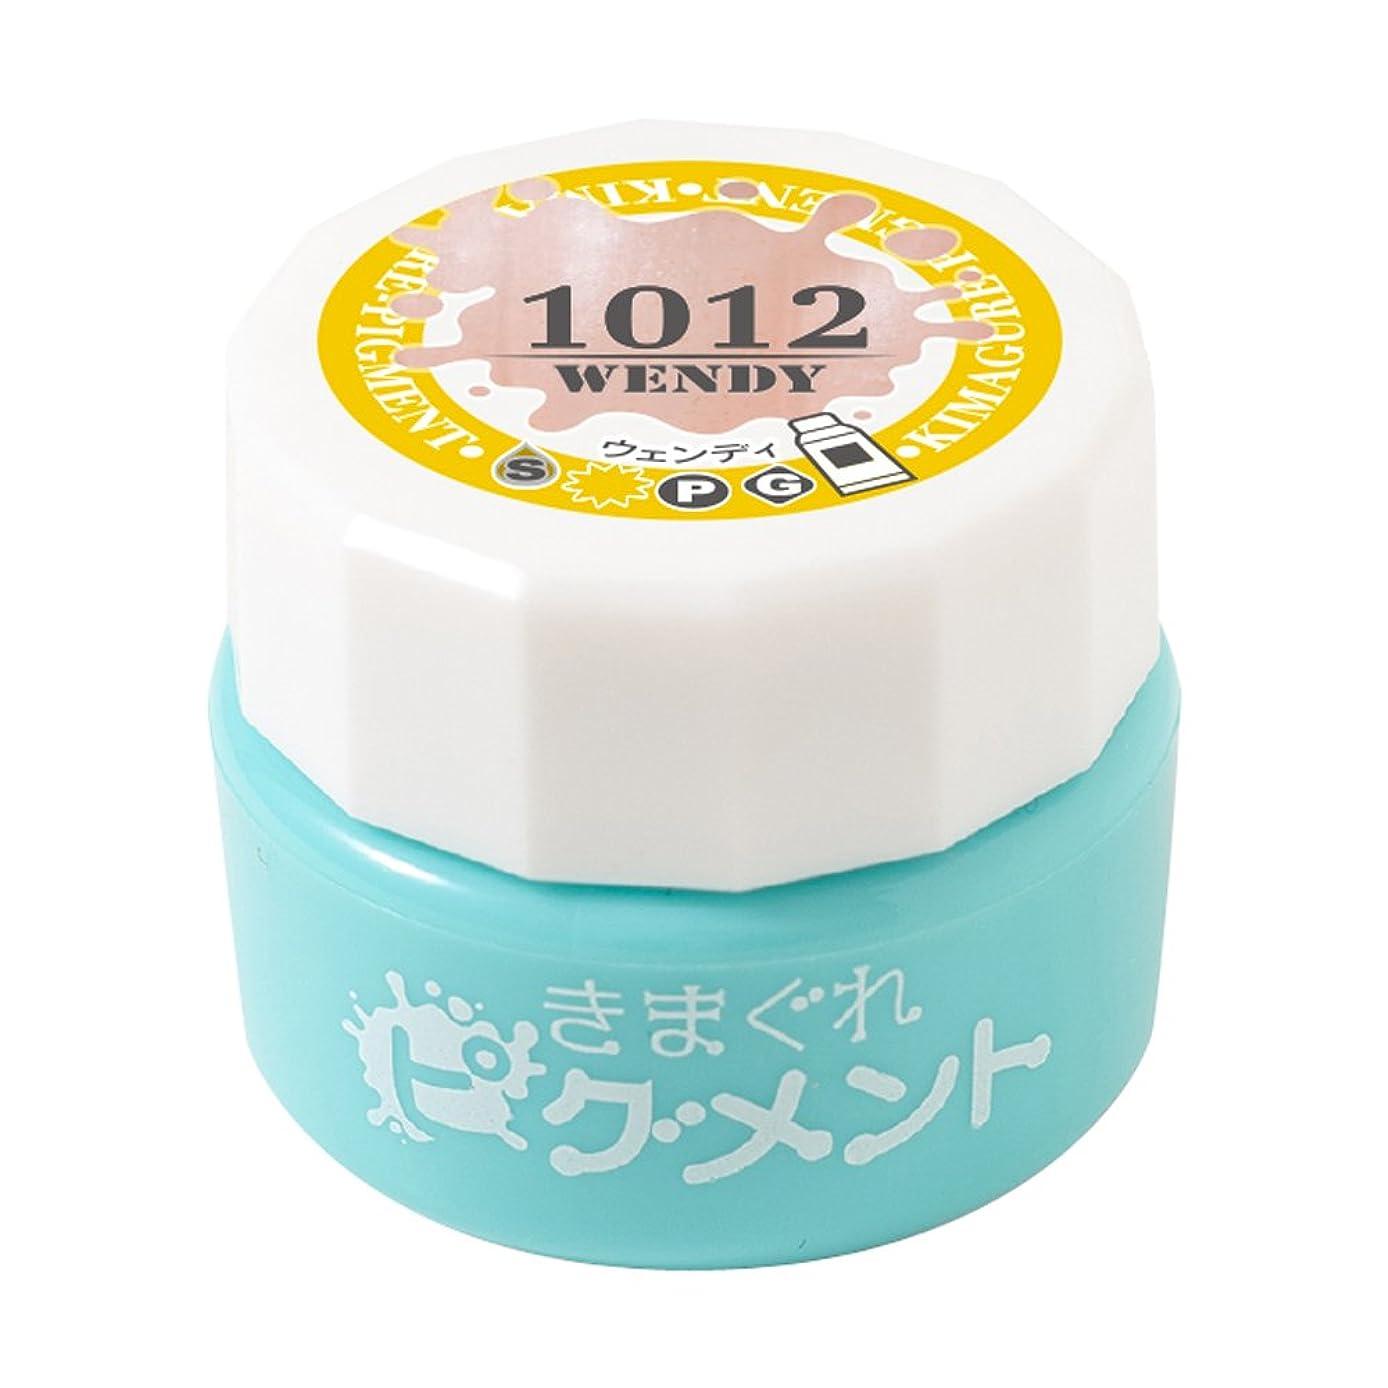 アテンダント非効率的なお茶Bettygel きまぐれピグメント ウェンディ QYJ-1012 4g UV/LED対応